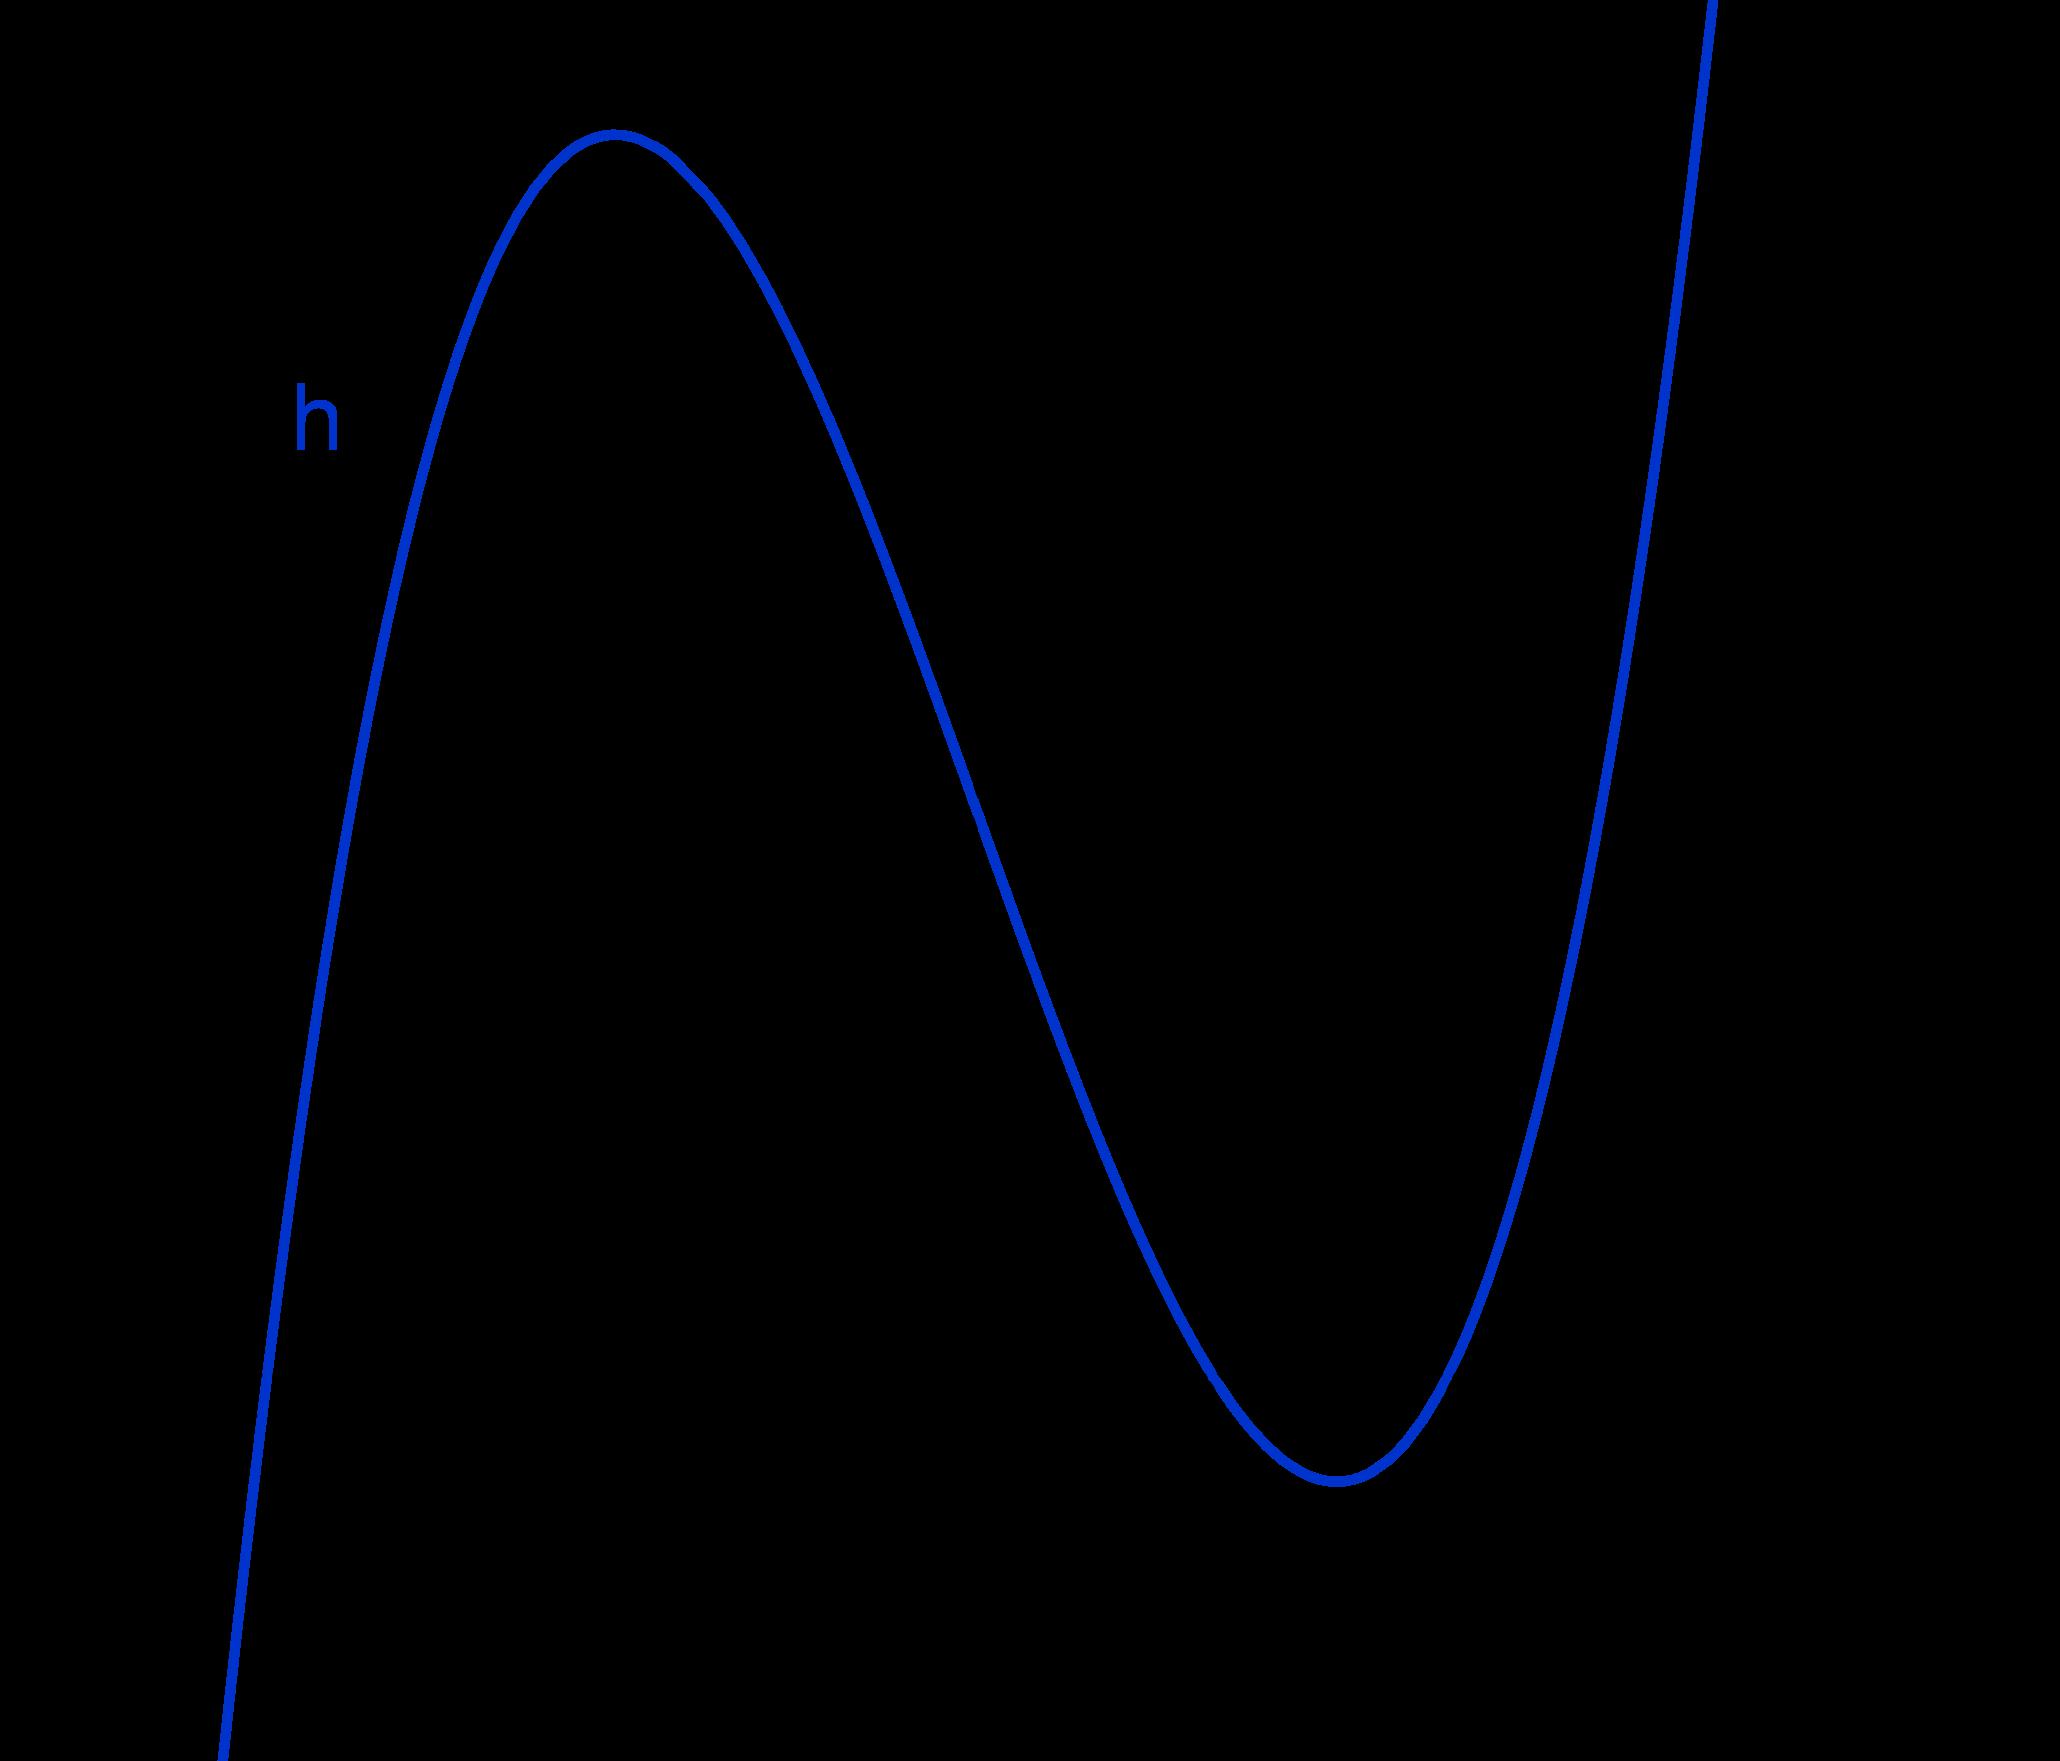 Aufgaben zur Bestimmung von Nullstellen - Mathe Themenordner » Serlo.org